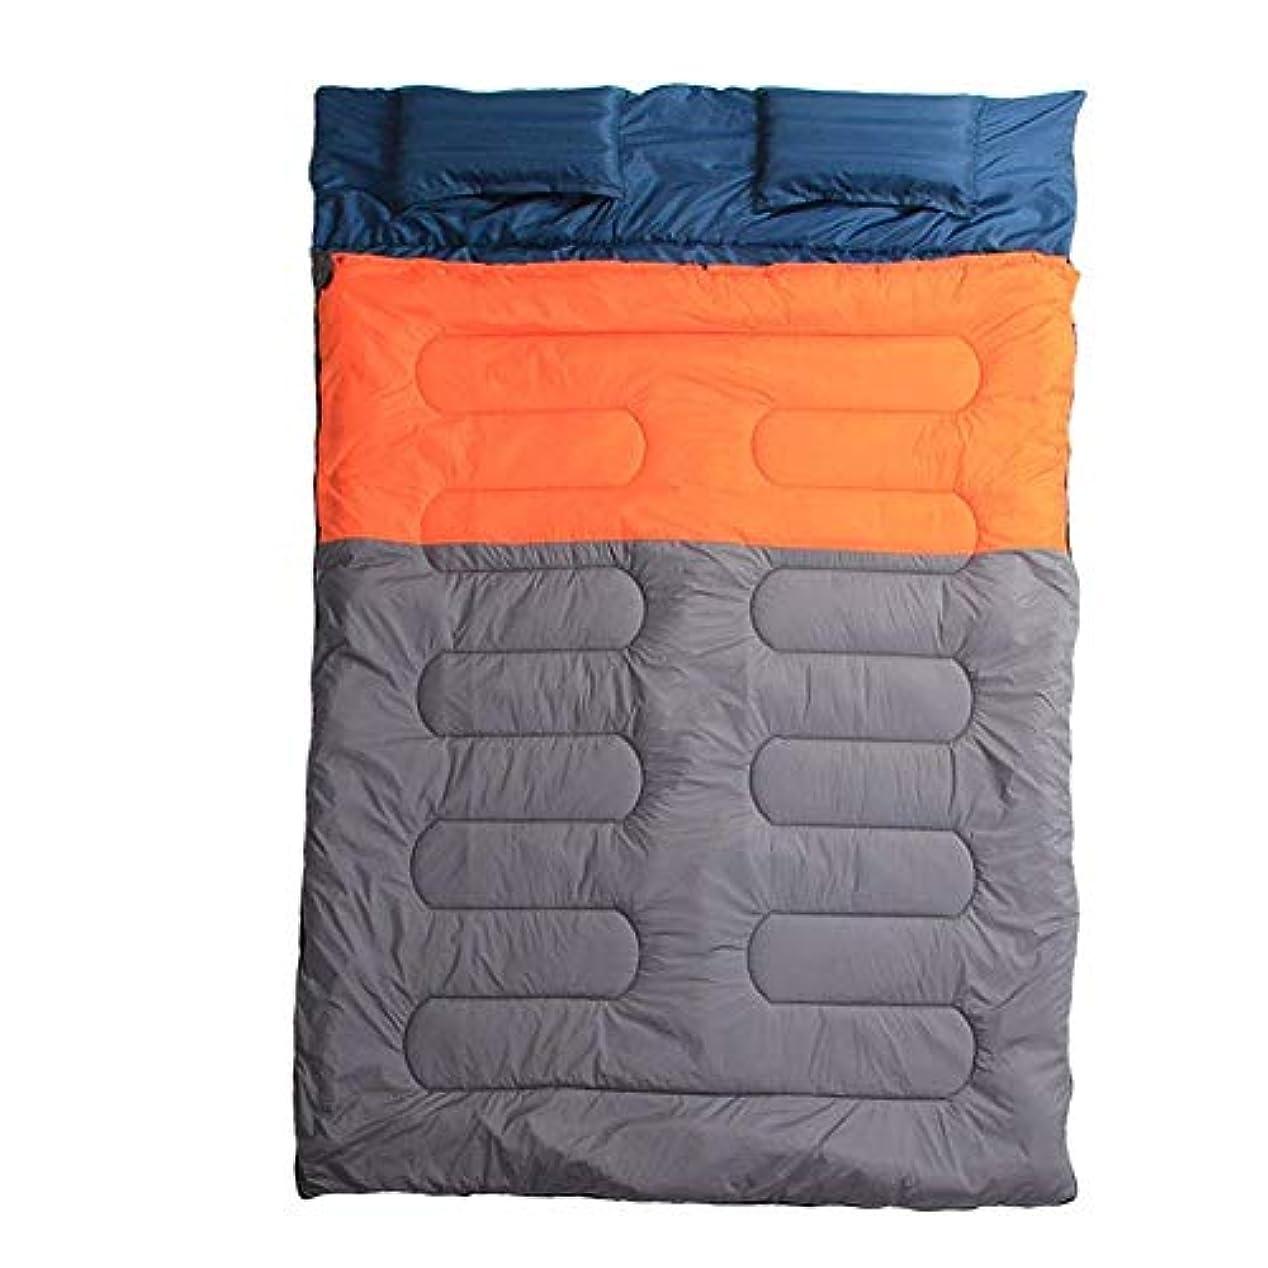 メイエラ贅沢な平日Anas ダブルスリーピングバッグ バックパッキング キャンプ ハイキング用 トラック テント 寝袋 軽量